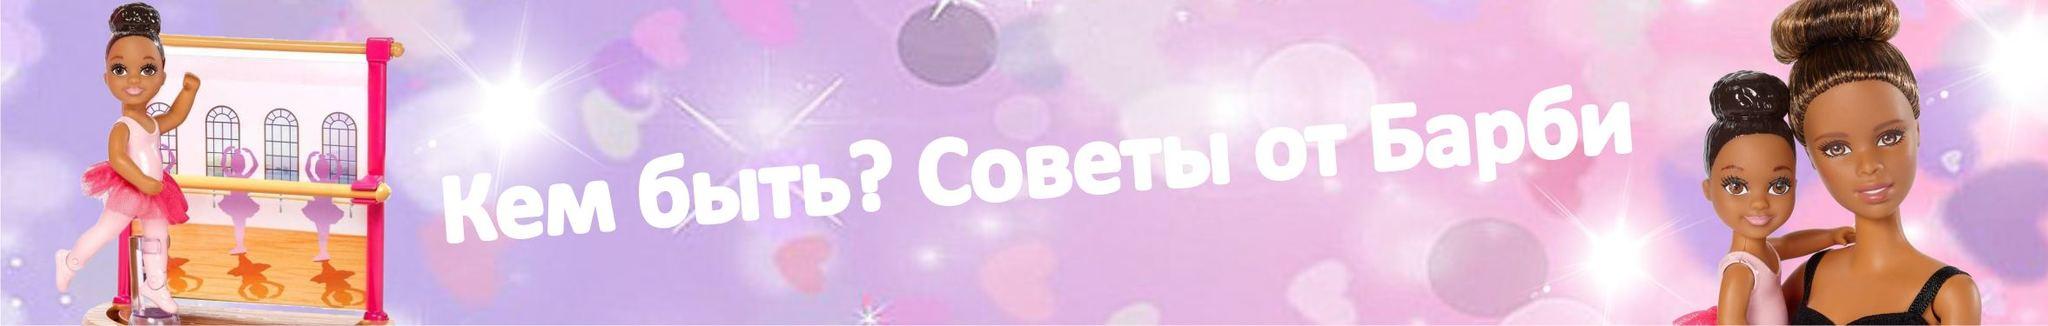 Кем быть? Советы от Барби